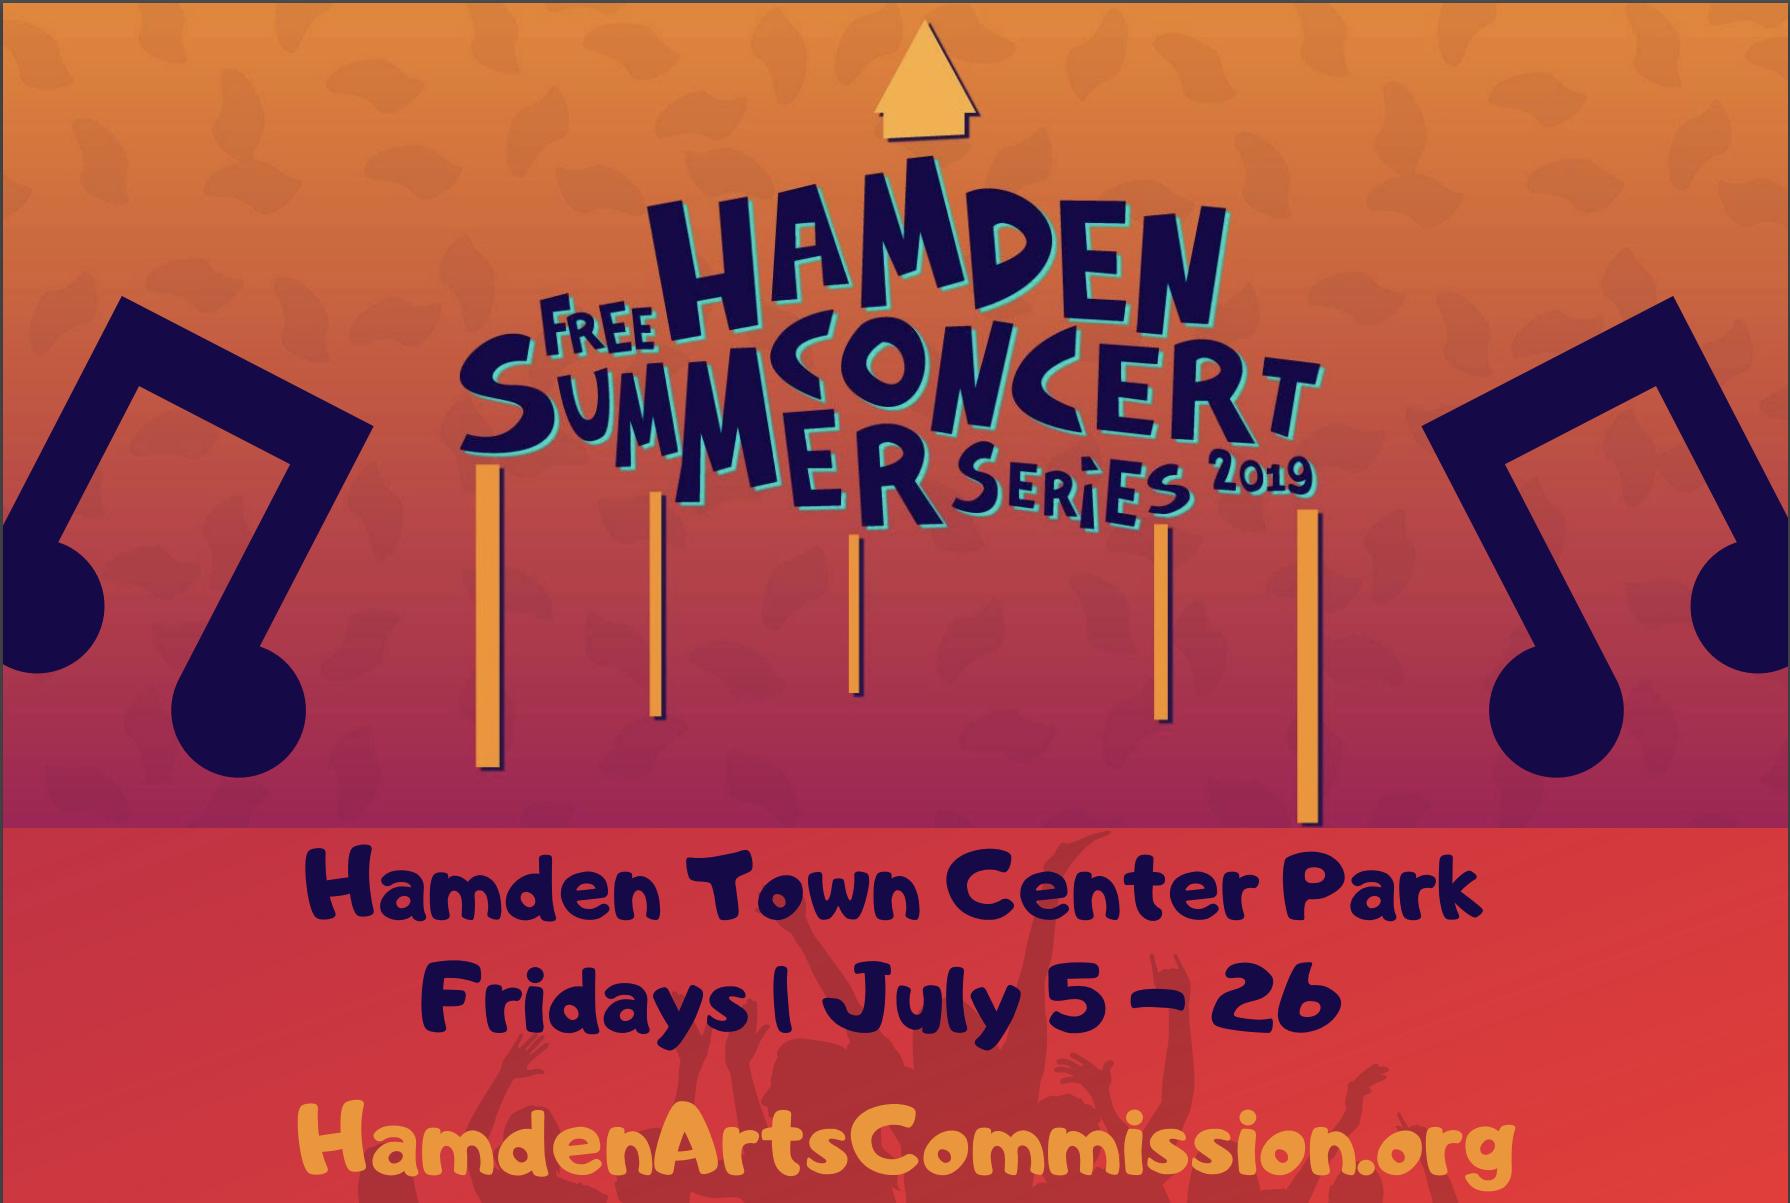 Hamden Summer Concert Seruies